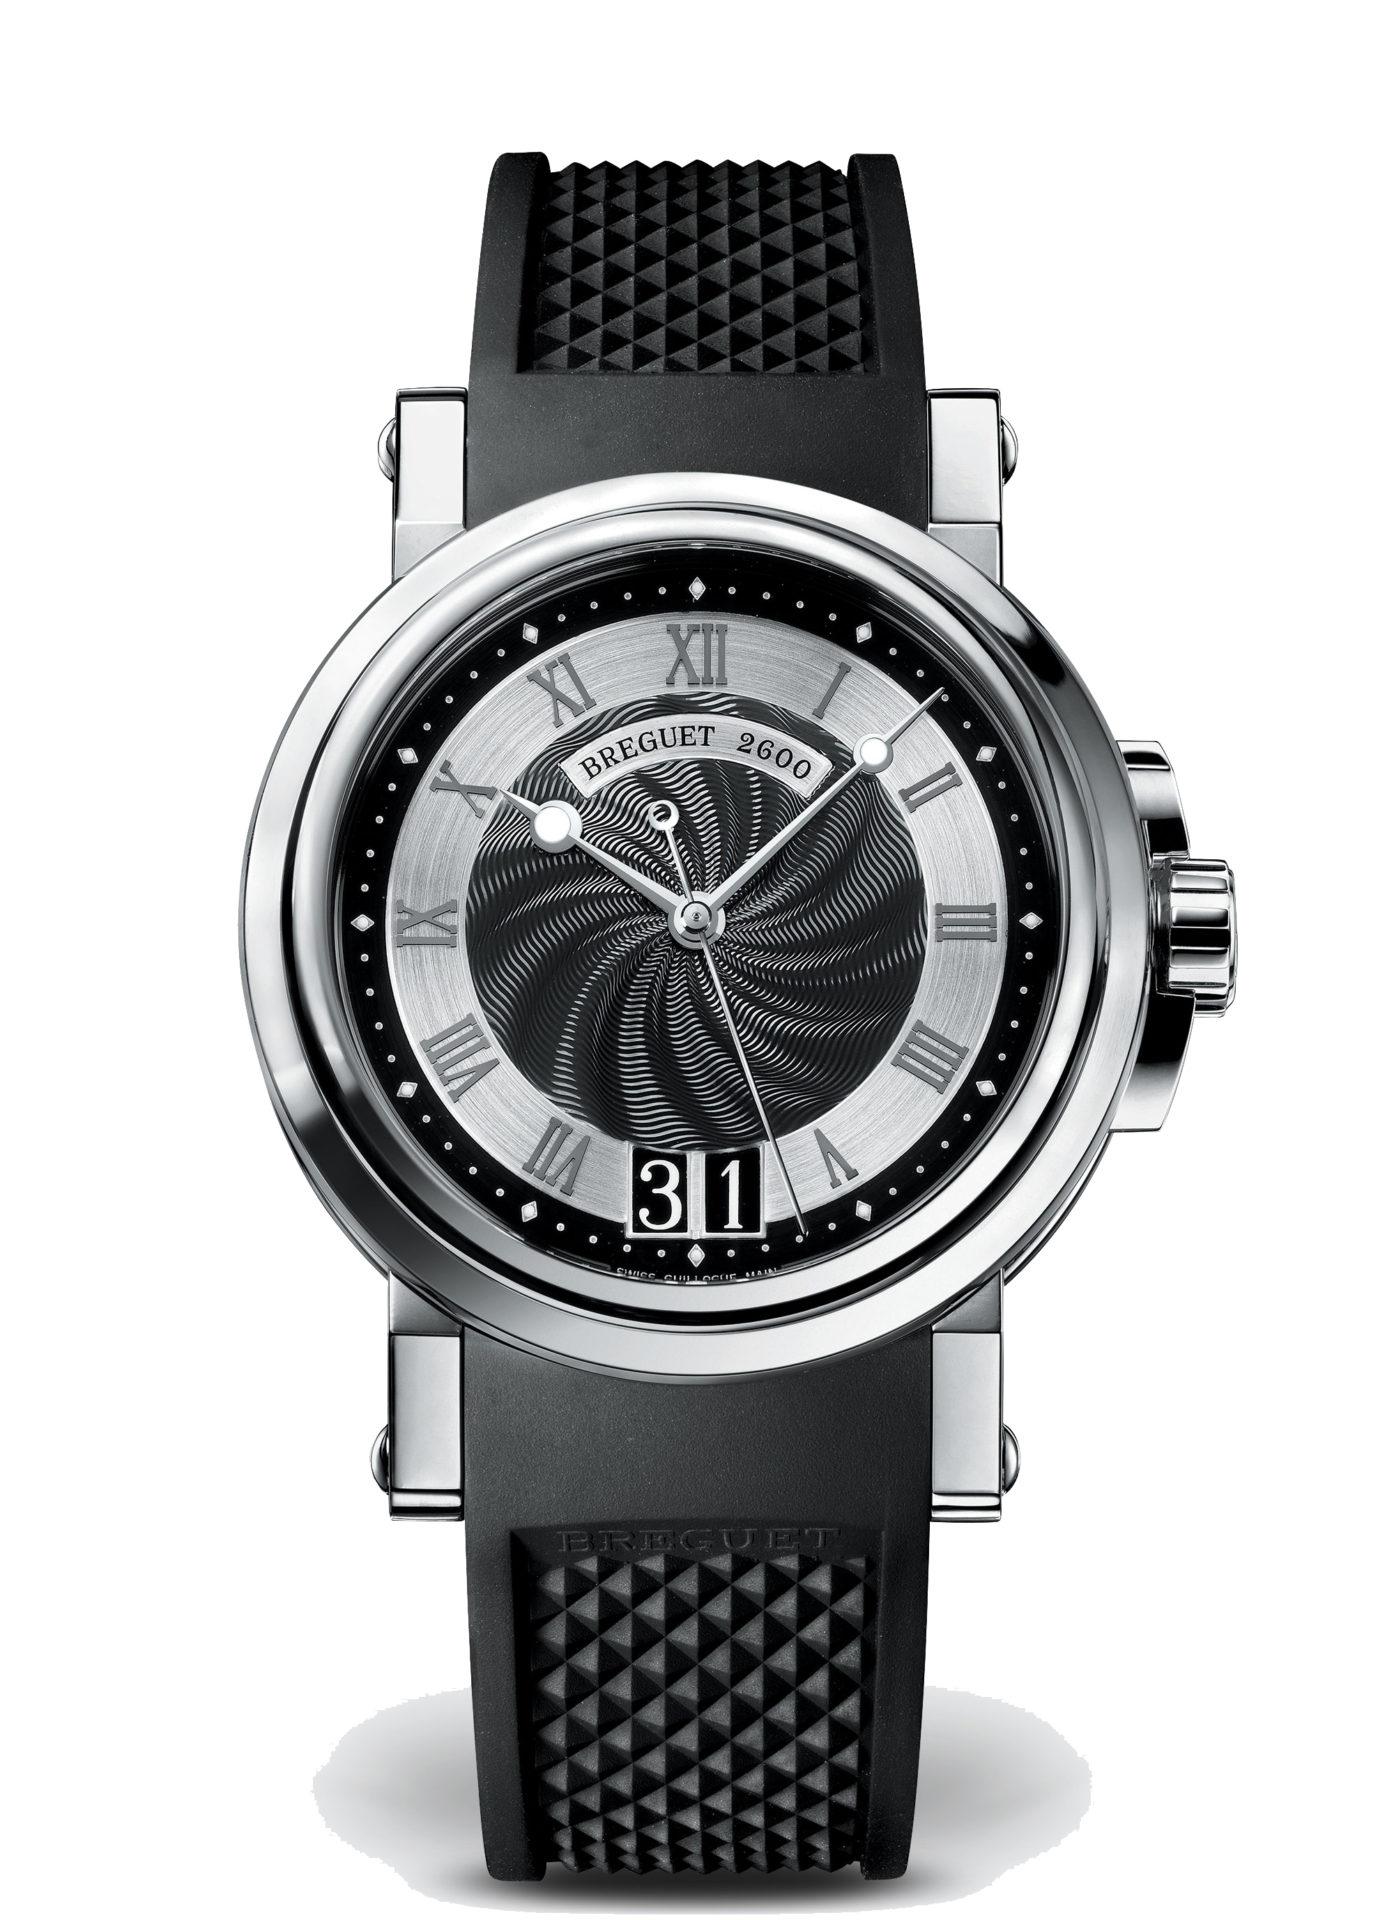 Breguet-La-Marine-5817-Hall-of-Time-5817st-92-5v8-g